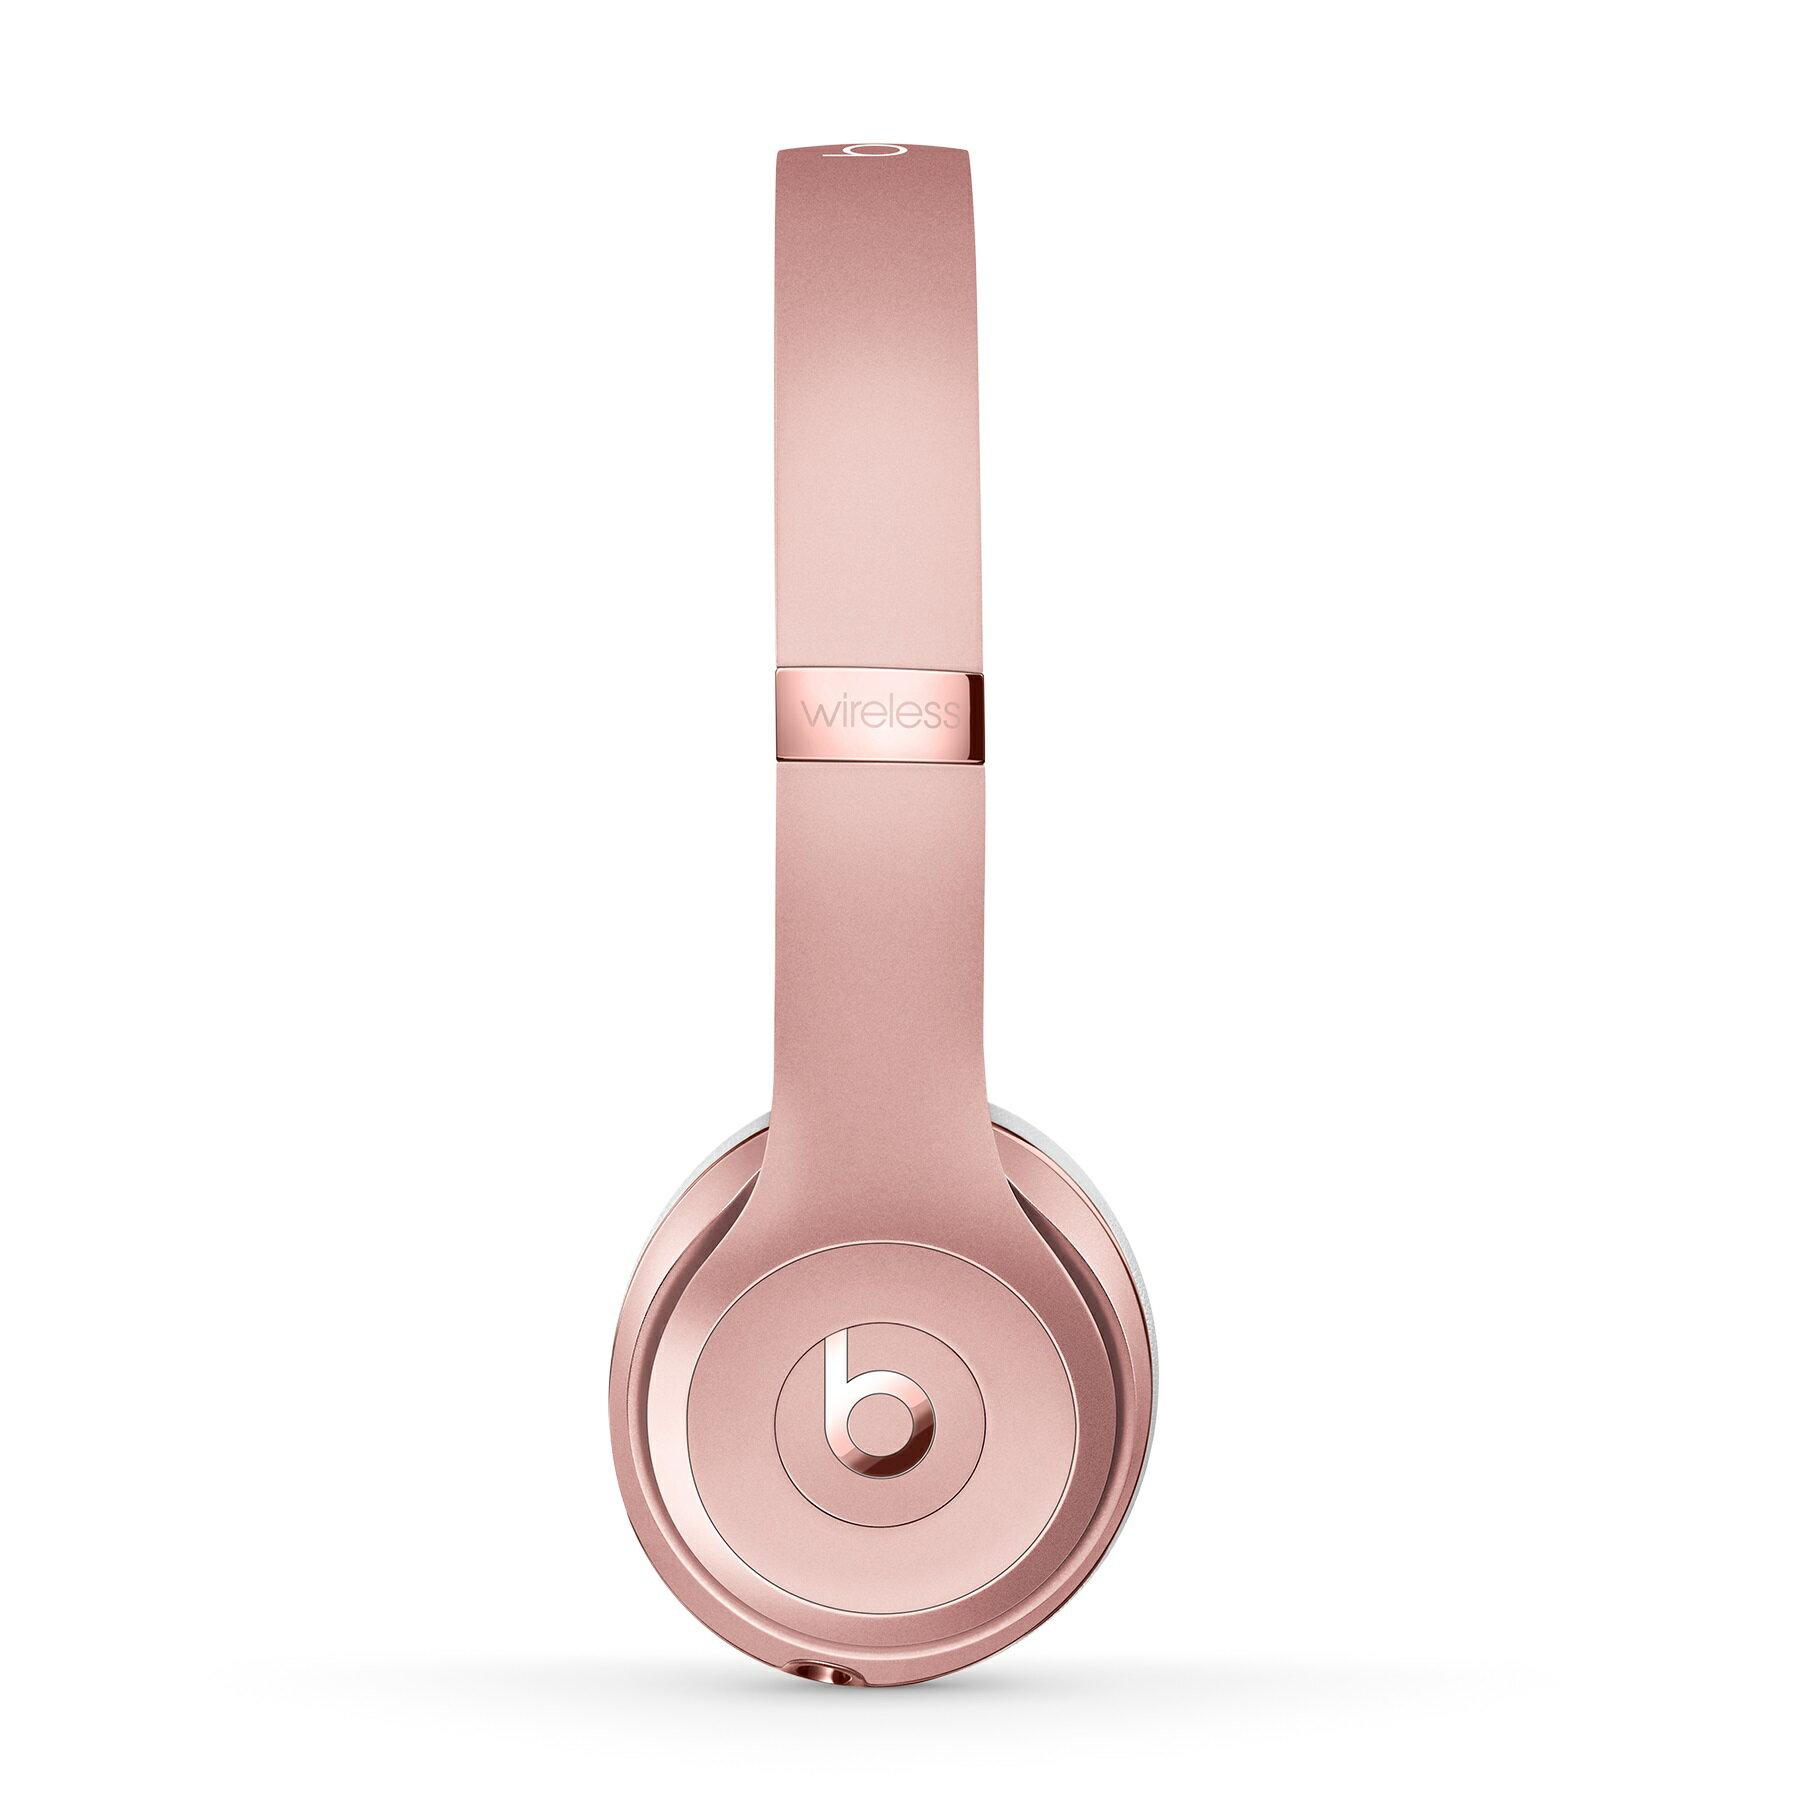 Beats Solo3 Wireless On-Ear Headphones - Rose Gold 2